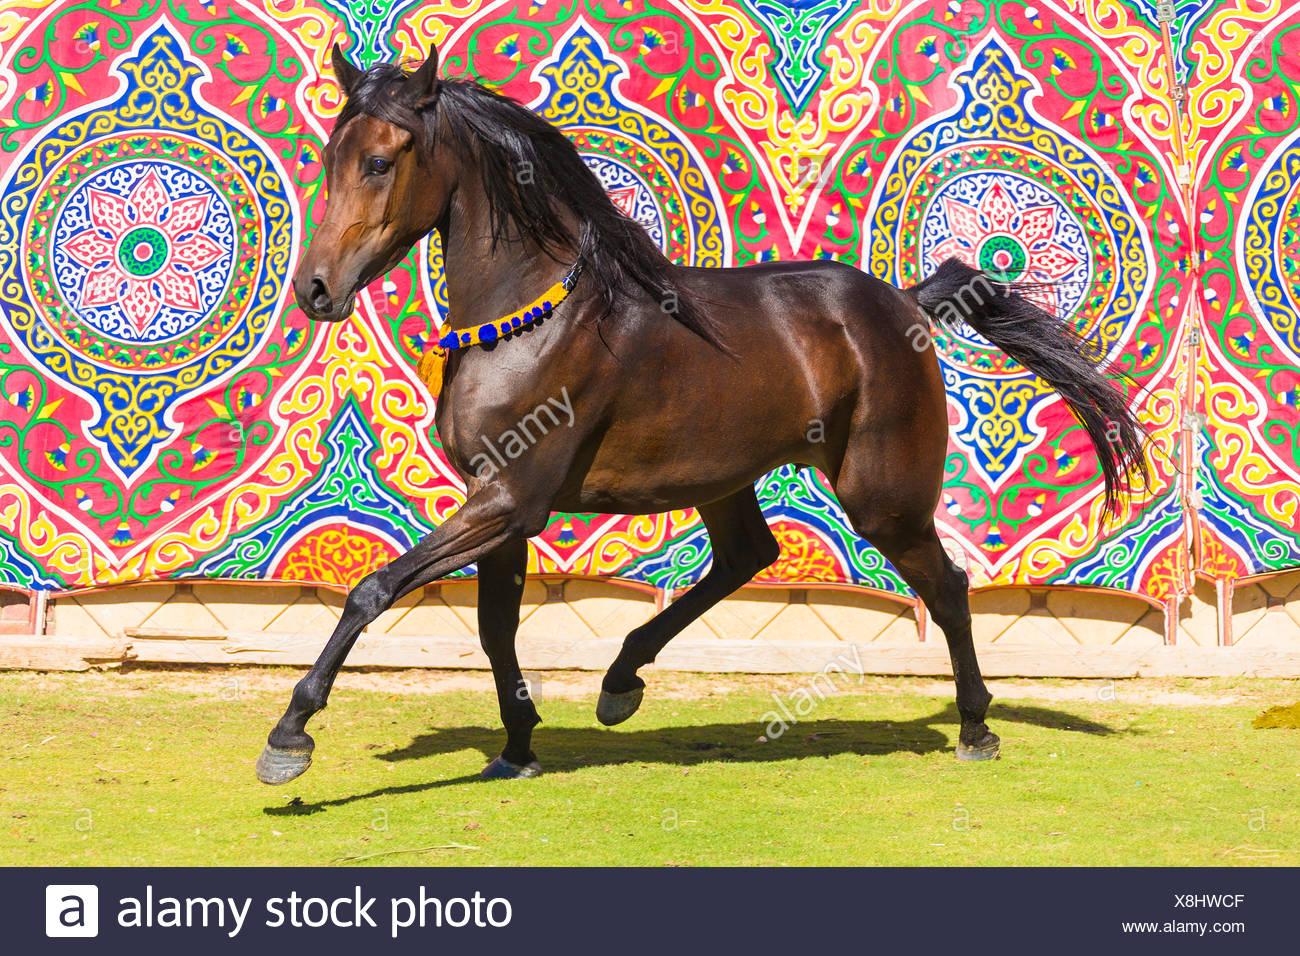 arabisches pferd. stute im trab mit bunten wand tapete im